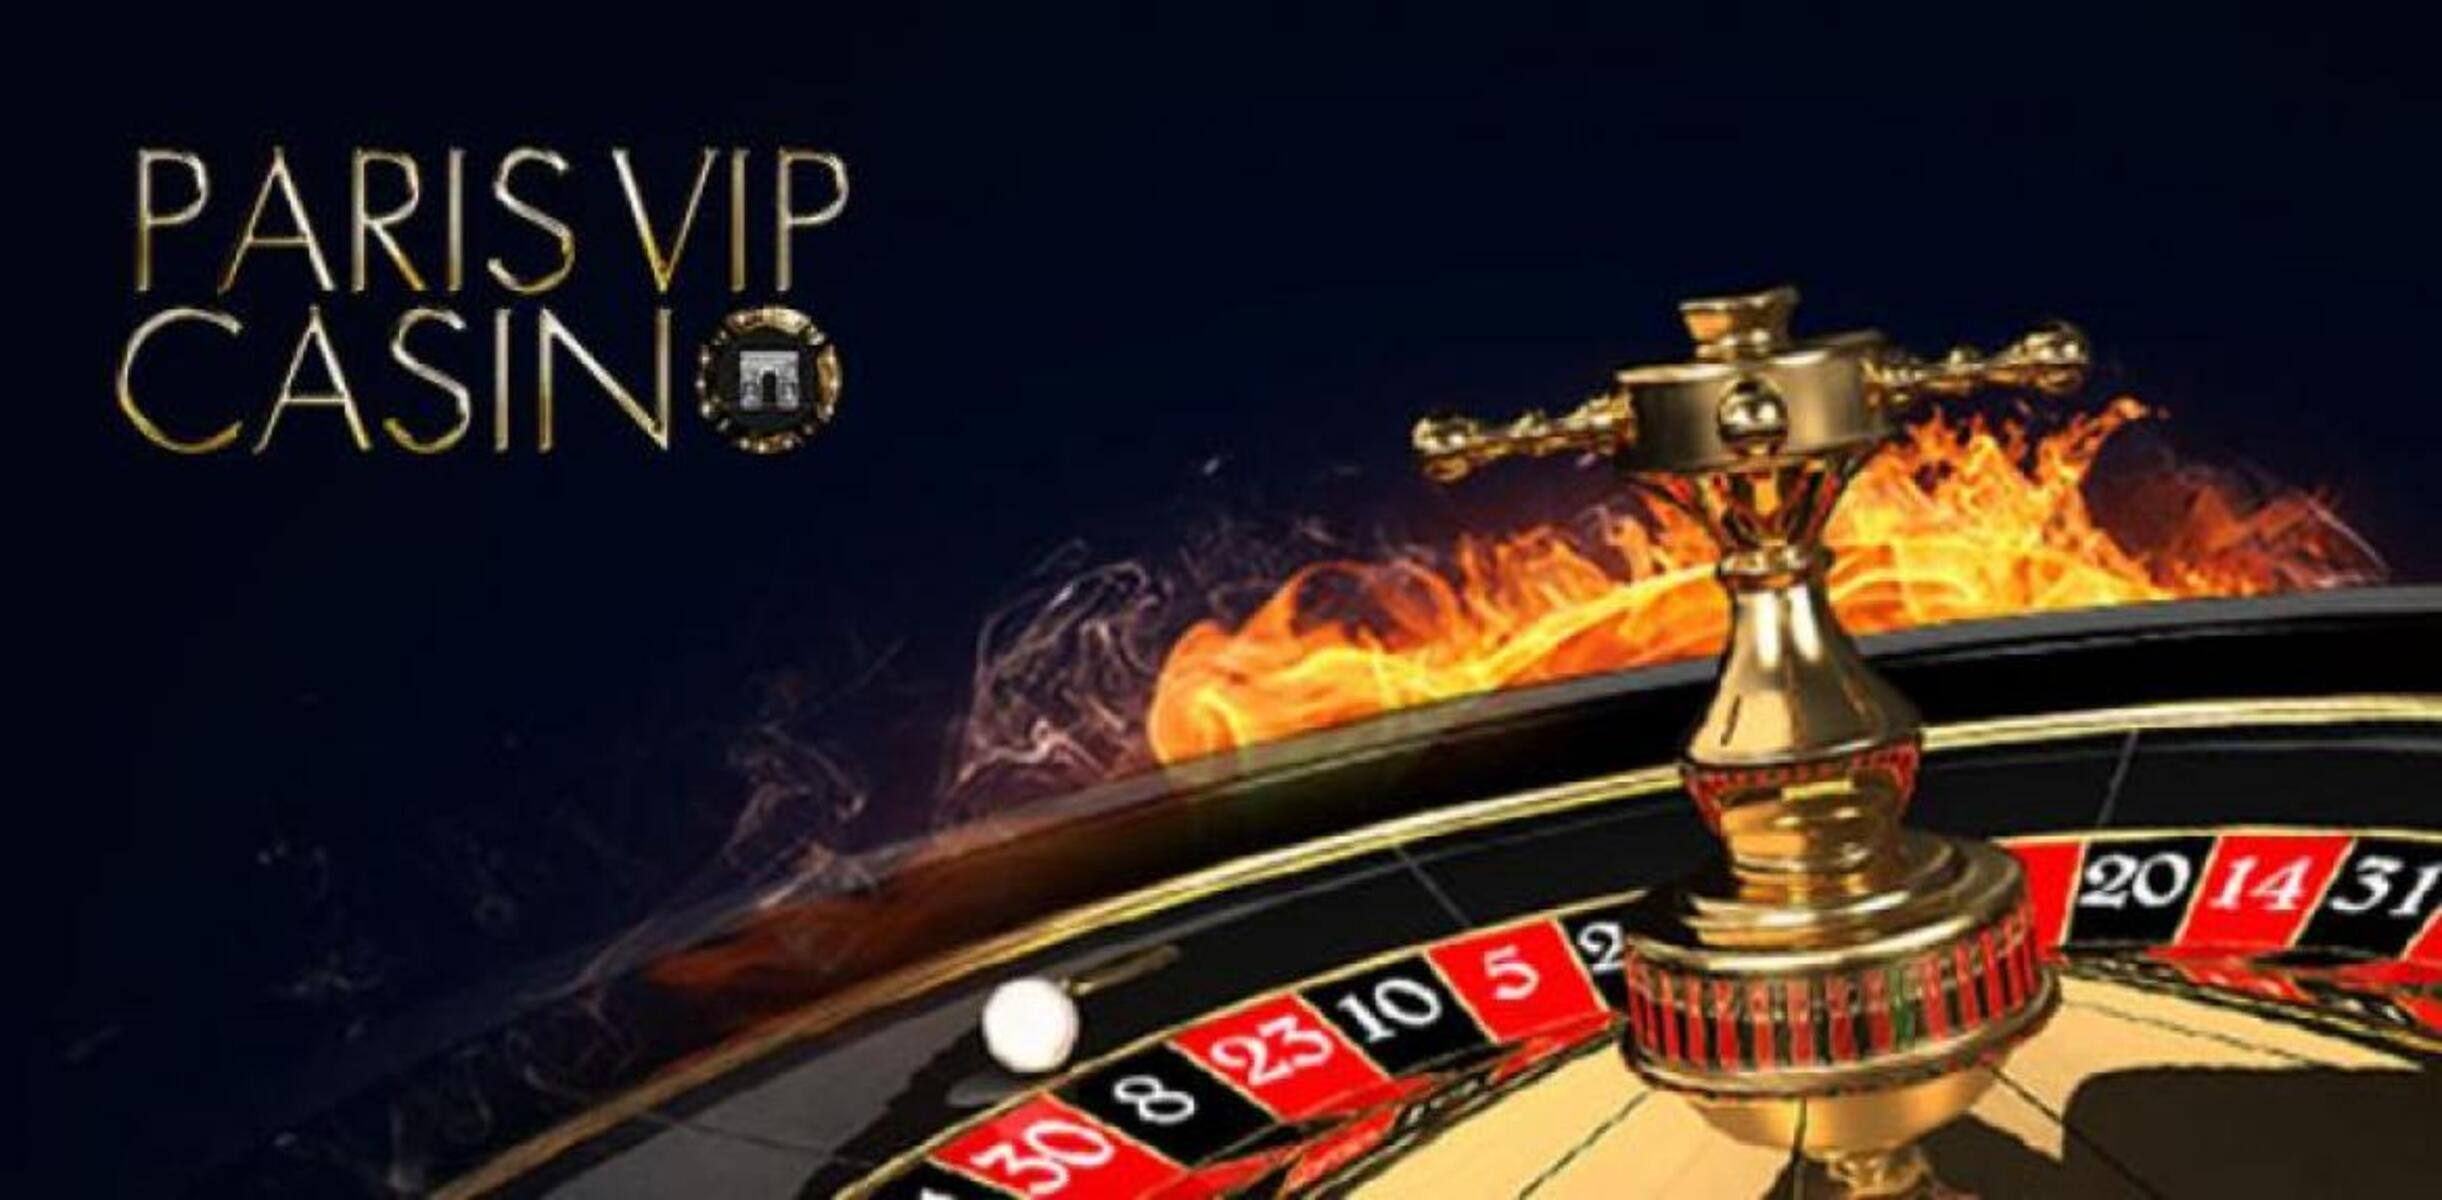 Paris VIP Casino vaut-il le détour ? Notre avis